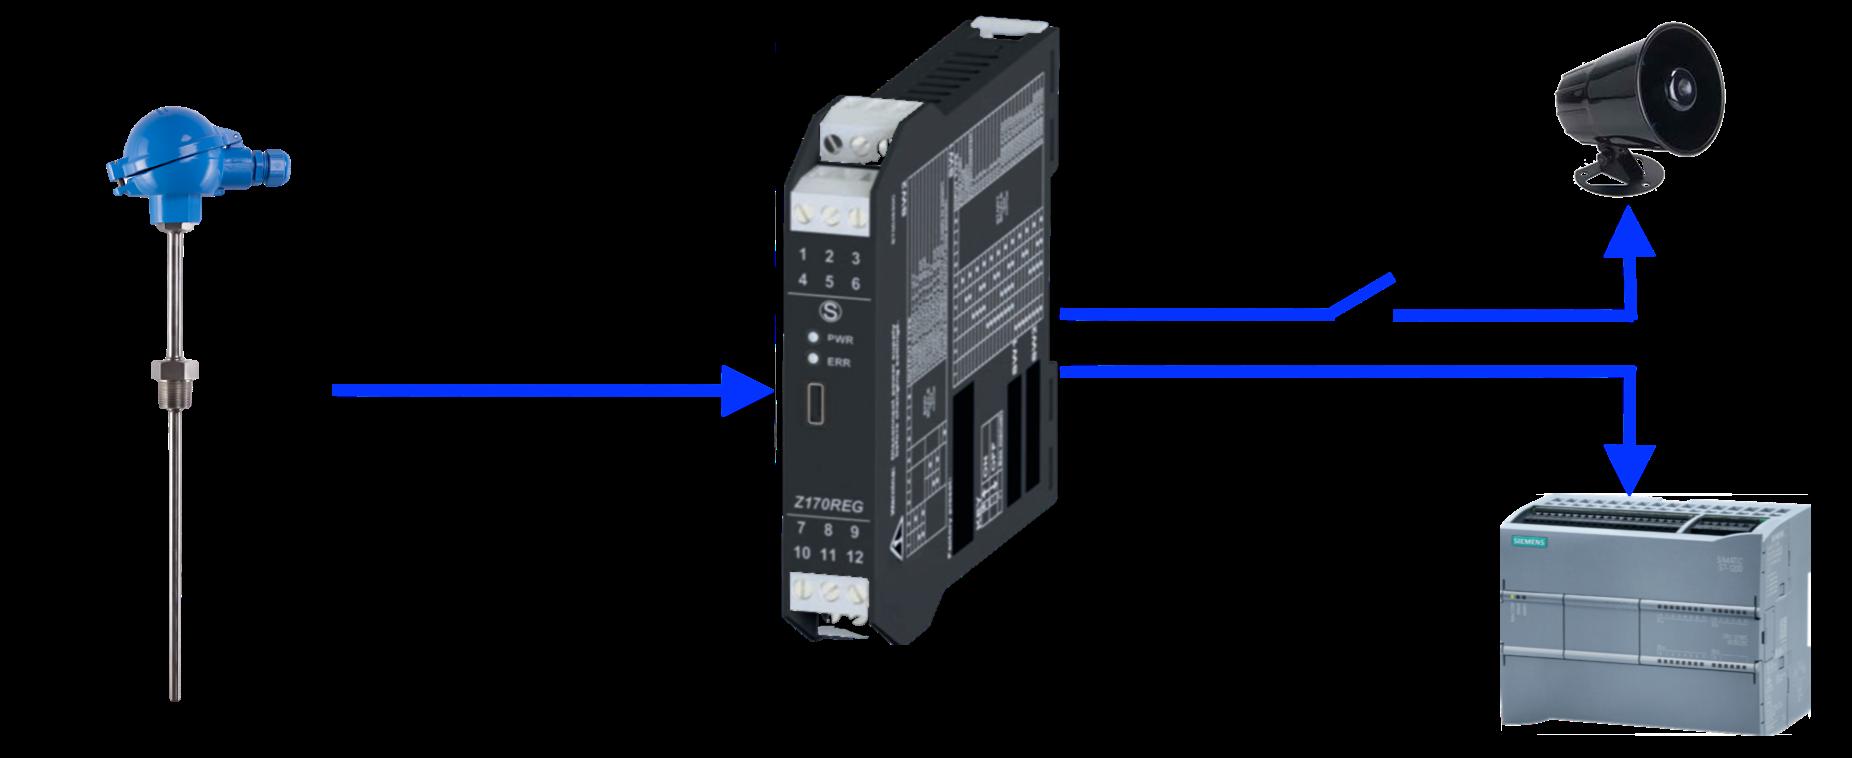 bộ chuyển đổi tín hiệu từ Analog sang Digital